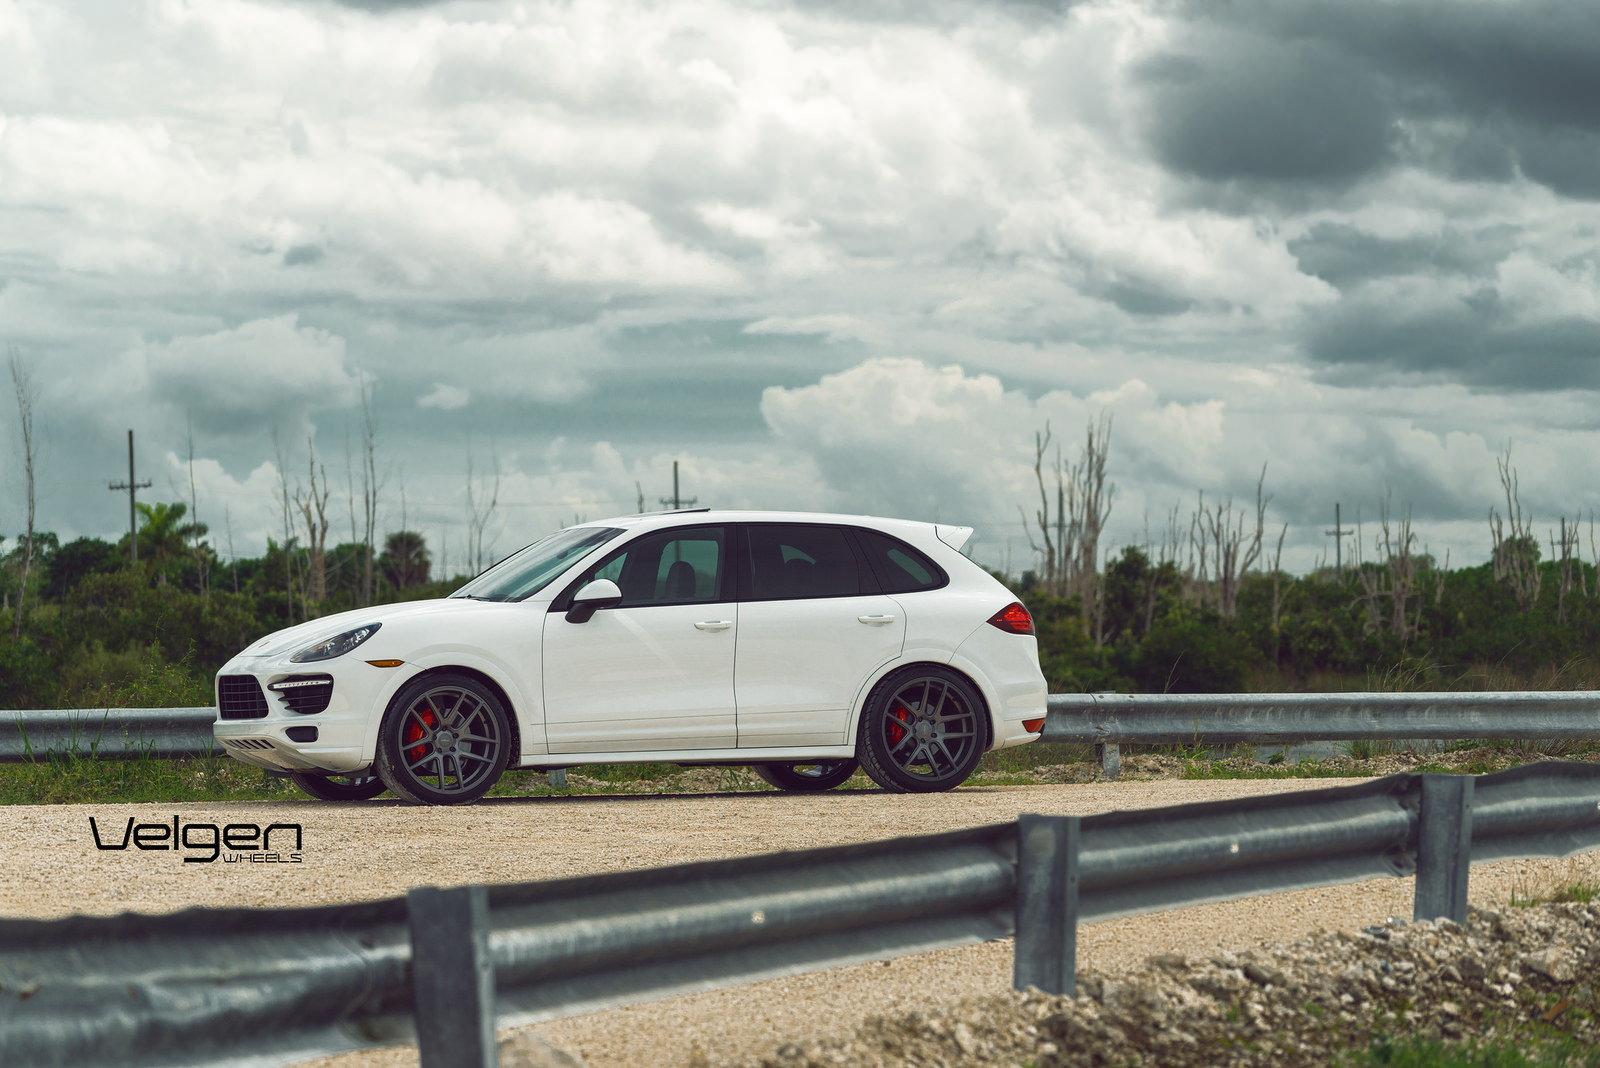 Nieuw Porsche Cayenne GTS on Velgen Wheels VMB5 - 6SpeedOnline - Porsche EY-53